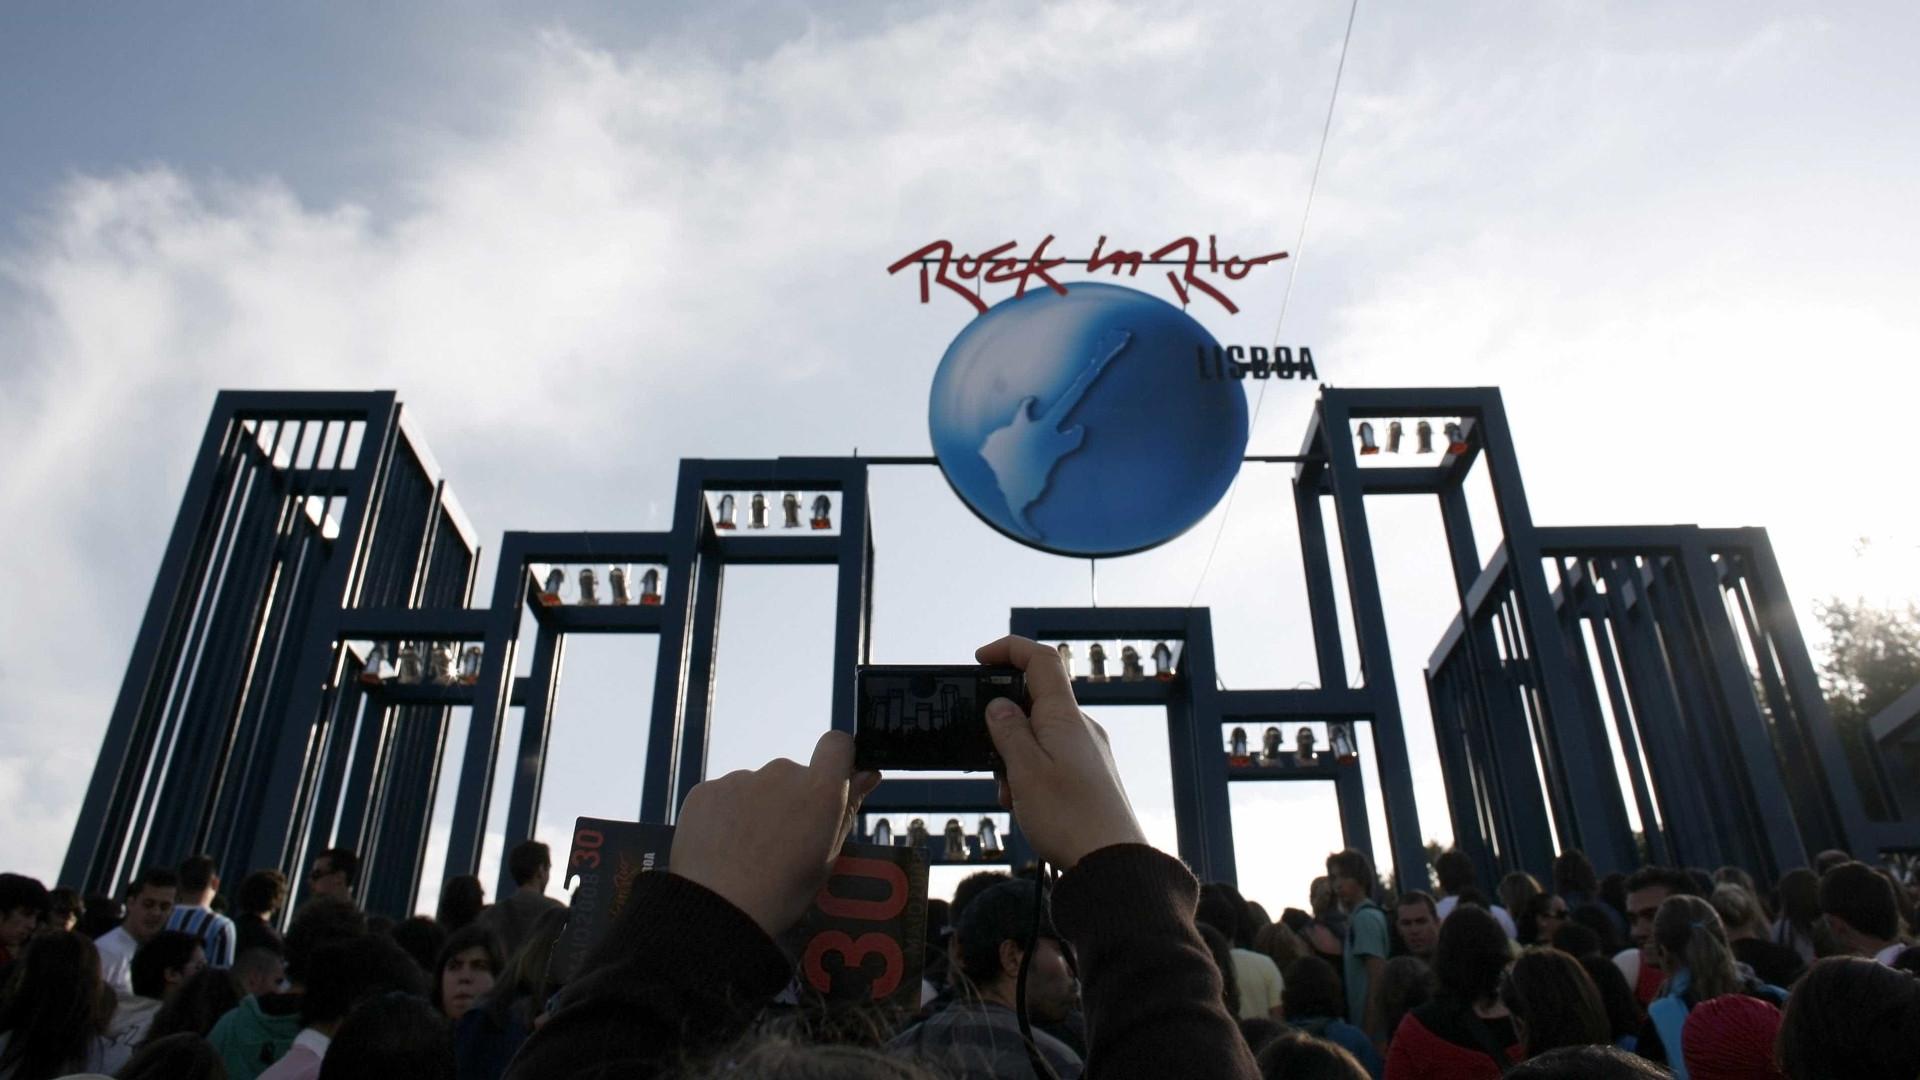 Rock in Rio regressa ao Parque da Bela Vista em Lisboa a partir de sábado